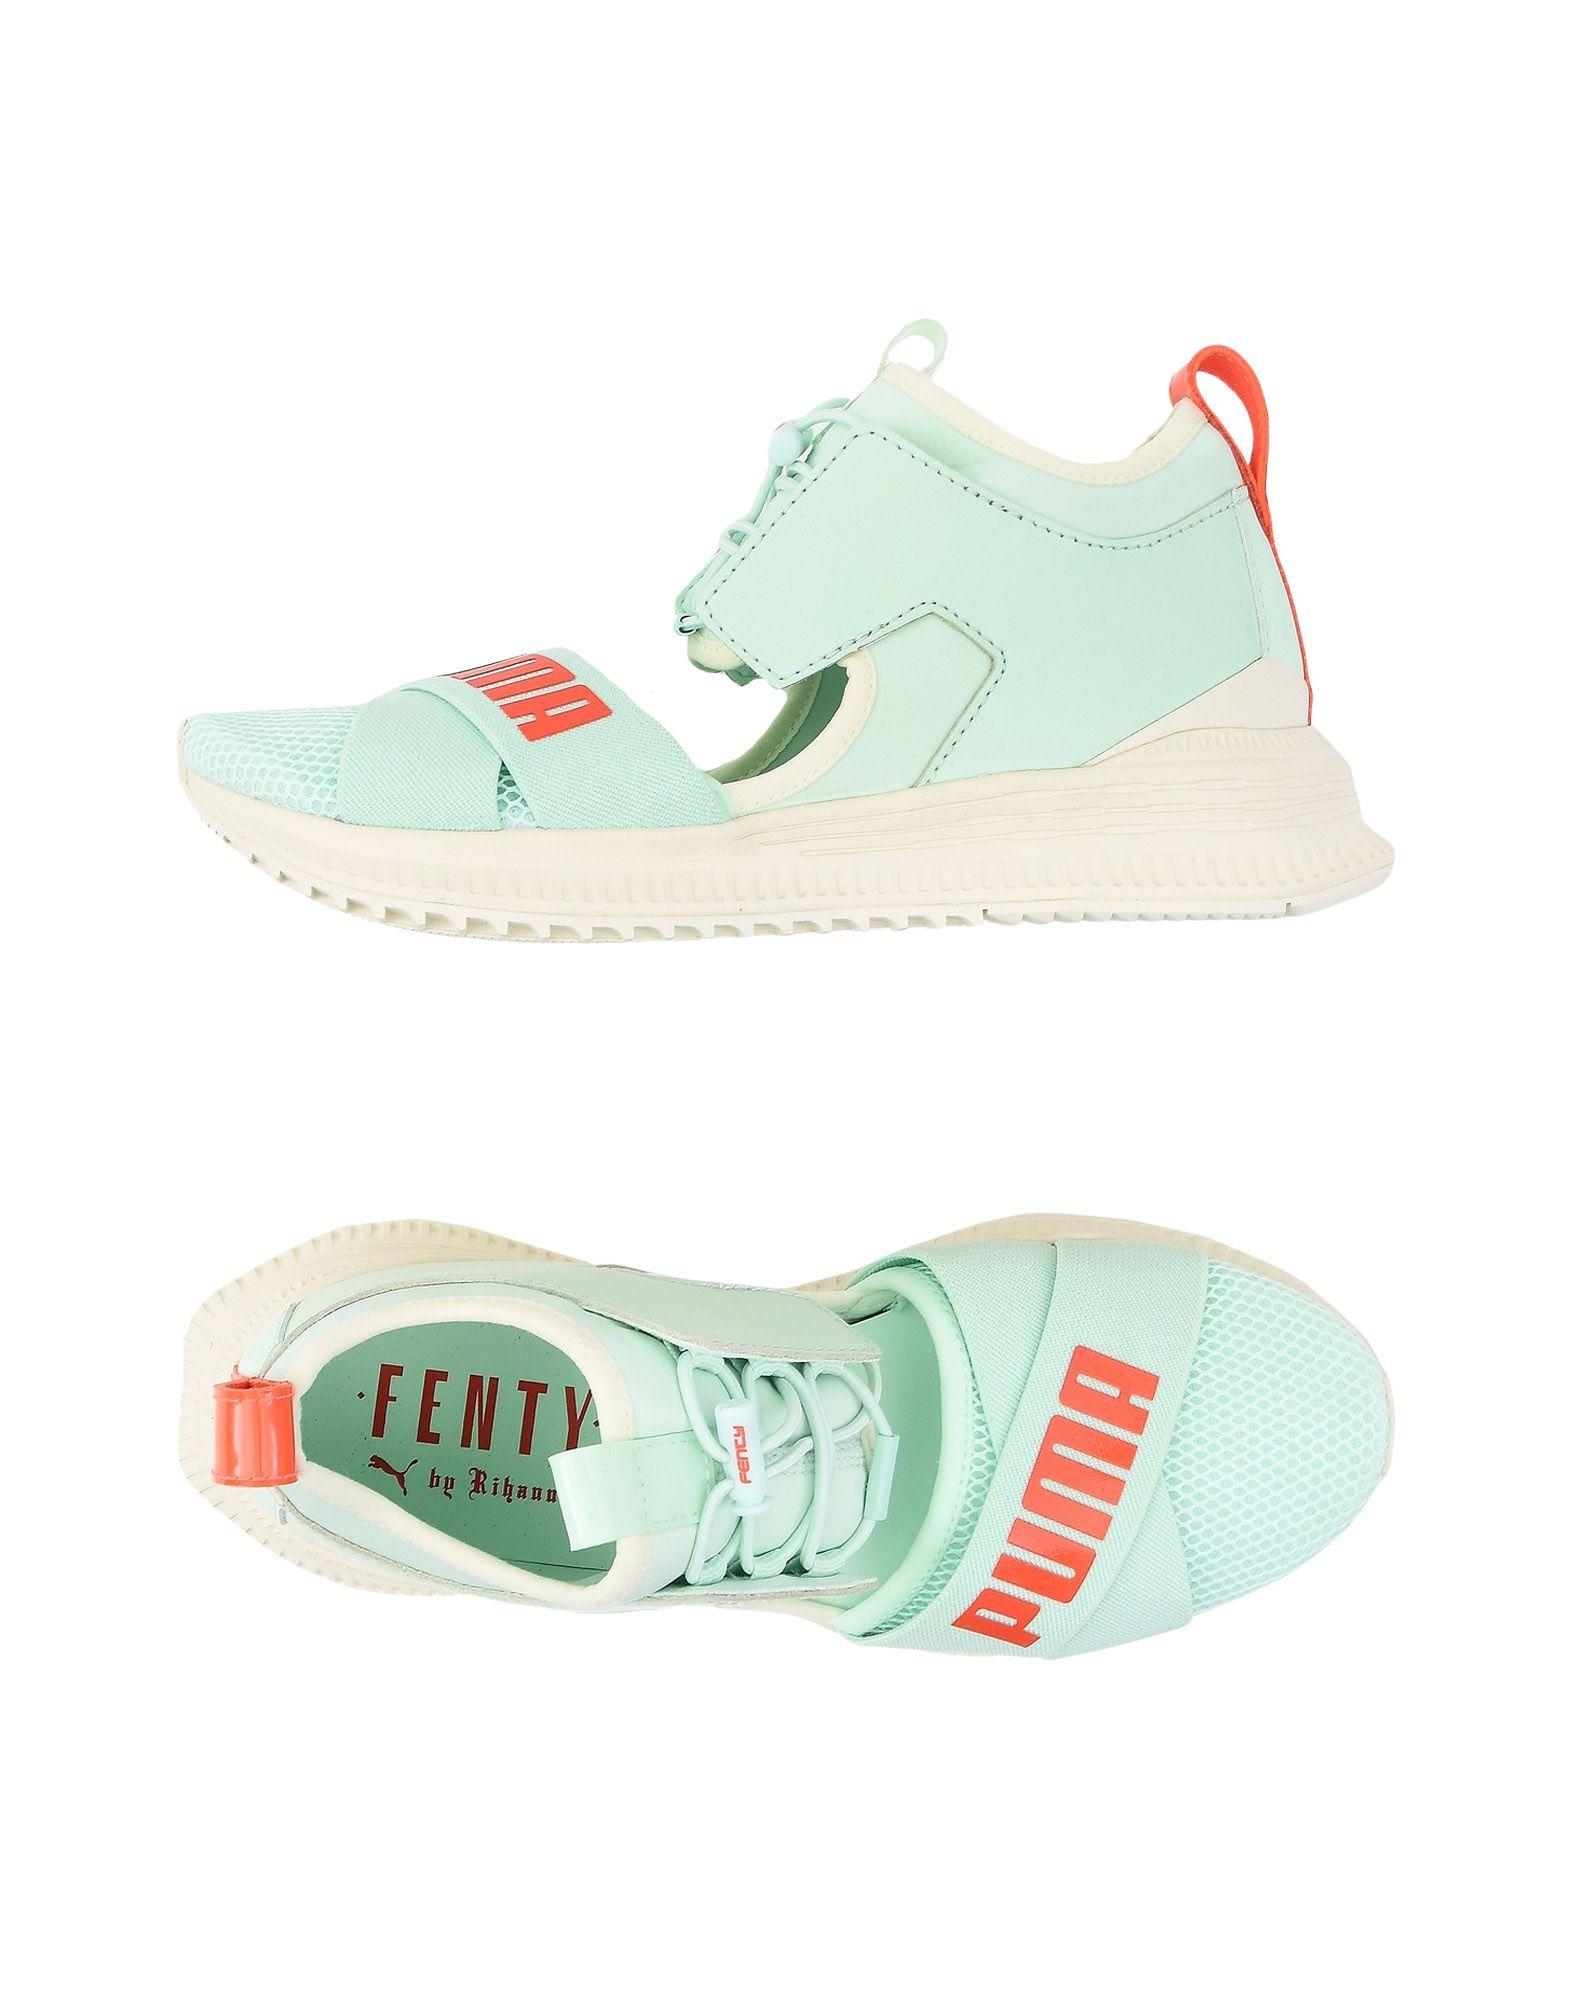 Zapatillas Fty Puma By Rihanna Avid Zapatillas Wns - Mujer - Zapatillas Avid Fty Puma By Rihanna  Verde claro aba577